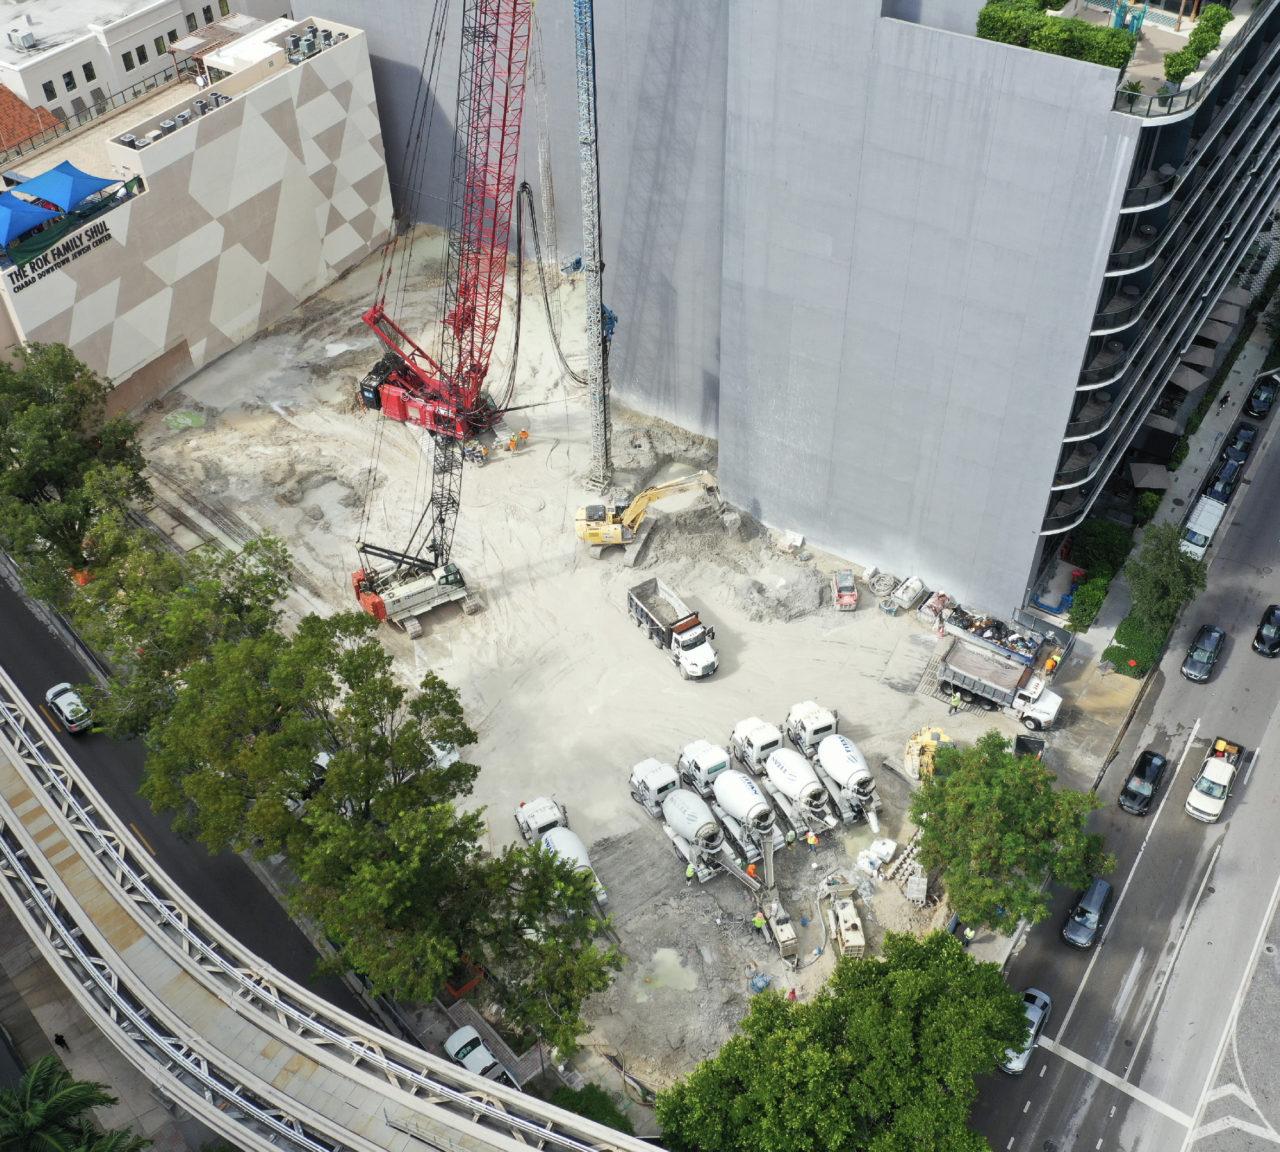 62 katlı 830 Brickell, Miami'nin merkezinde konumlanıyor ve şimdiden bölgenin en prestijli ofis kompleksi olmaya aday.